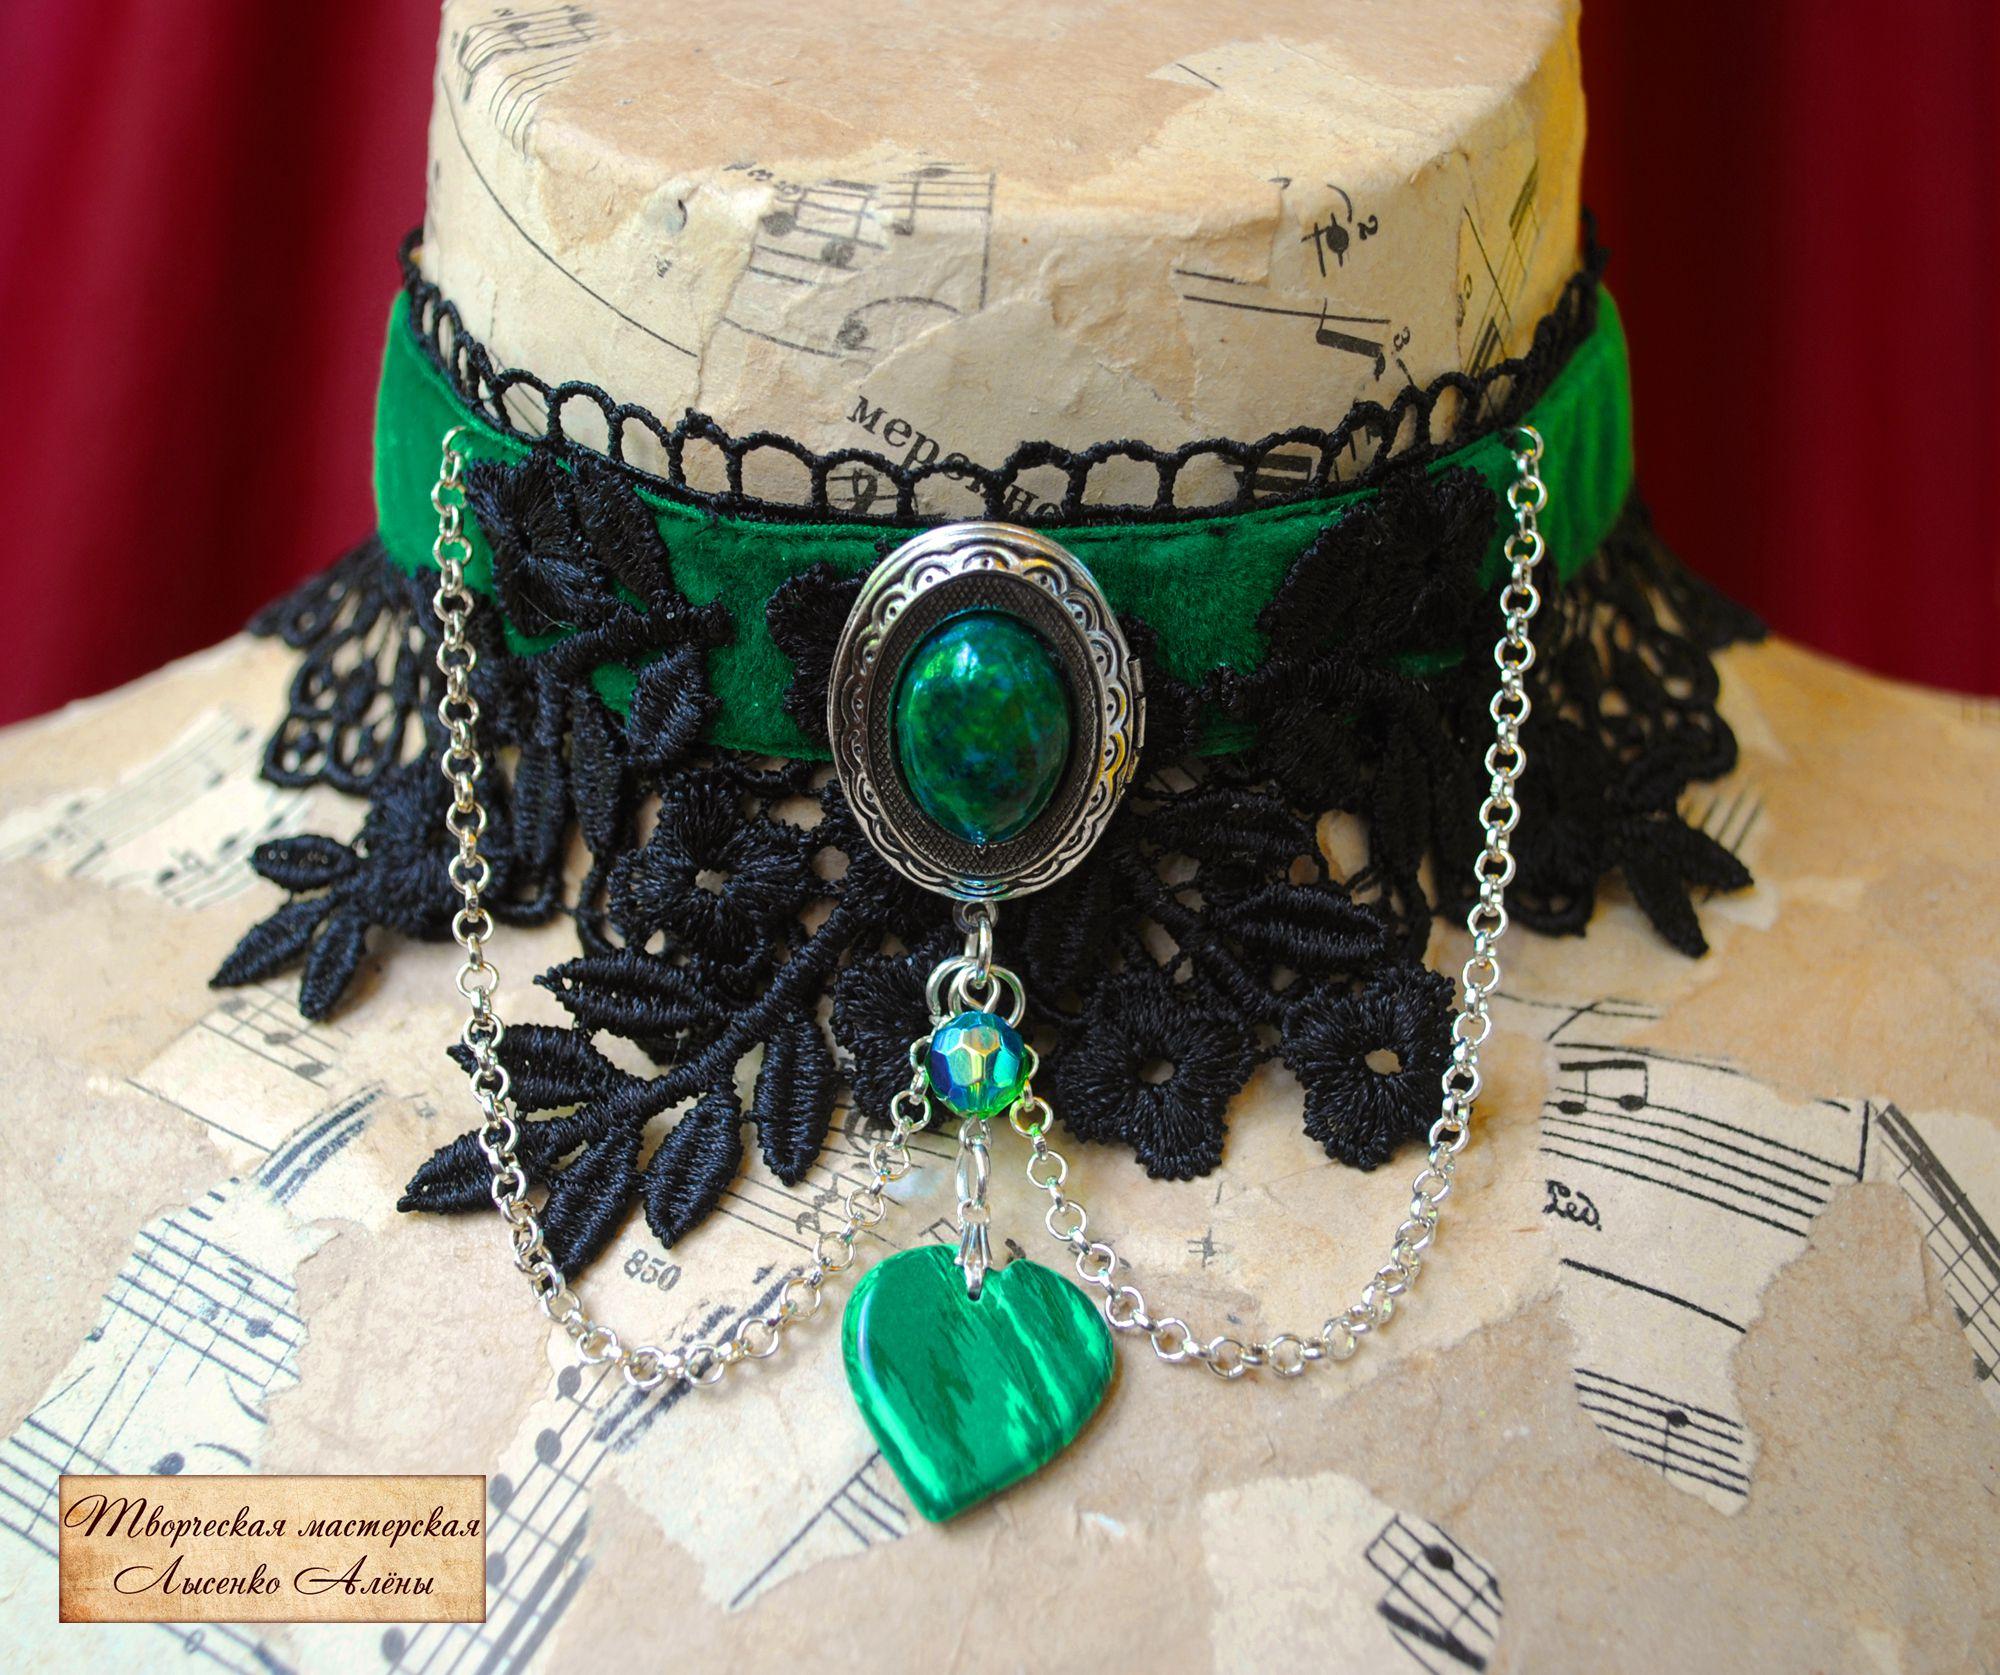 бархат зелёный кружево малахит изумрудный фентези эльфы чокер украшение лес готическое дриады нимфы бархотка хризоколла медальон готика